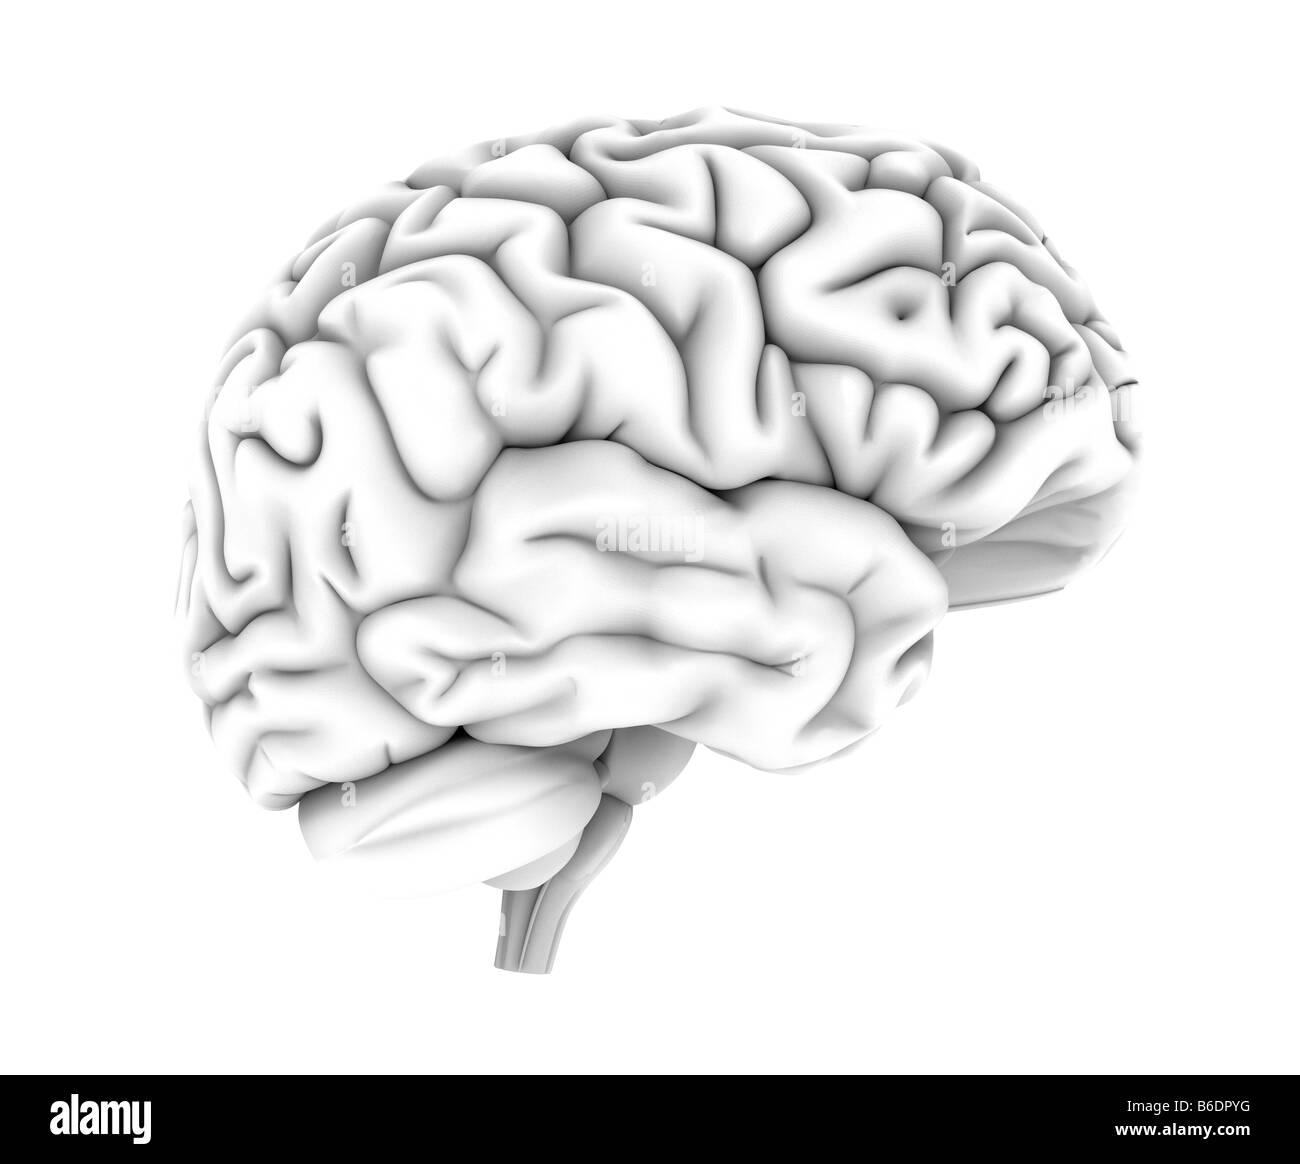 Menschliche Gehirn, Computer-Grafik. Die Front des Thebrain ist auf ...